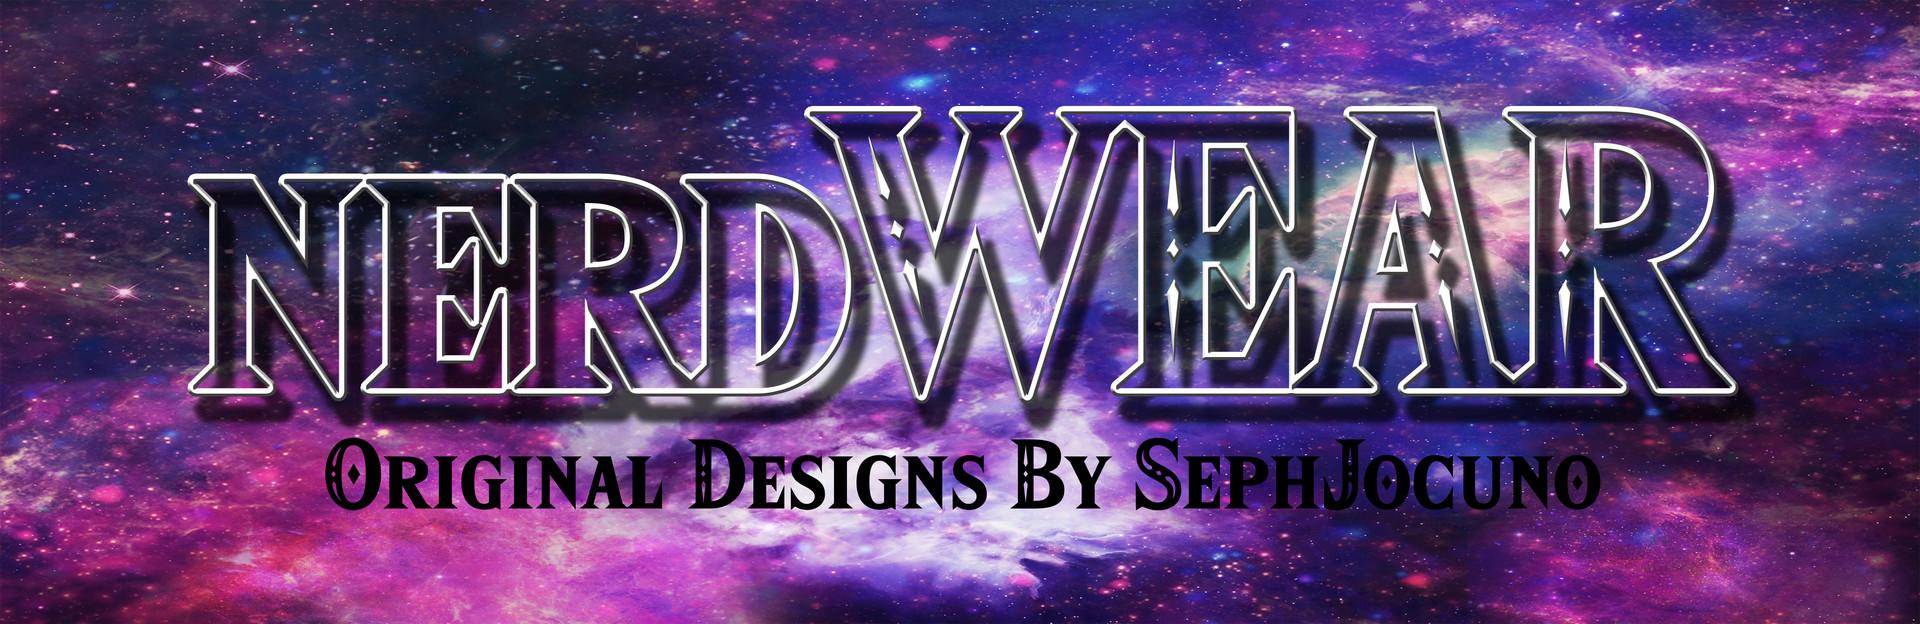 NerdWEAR Store